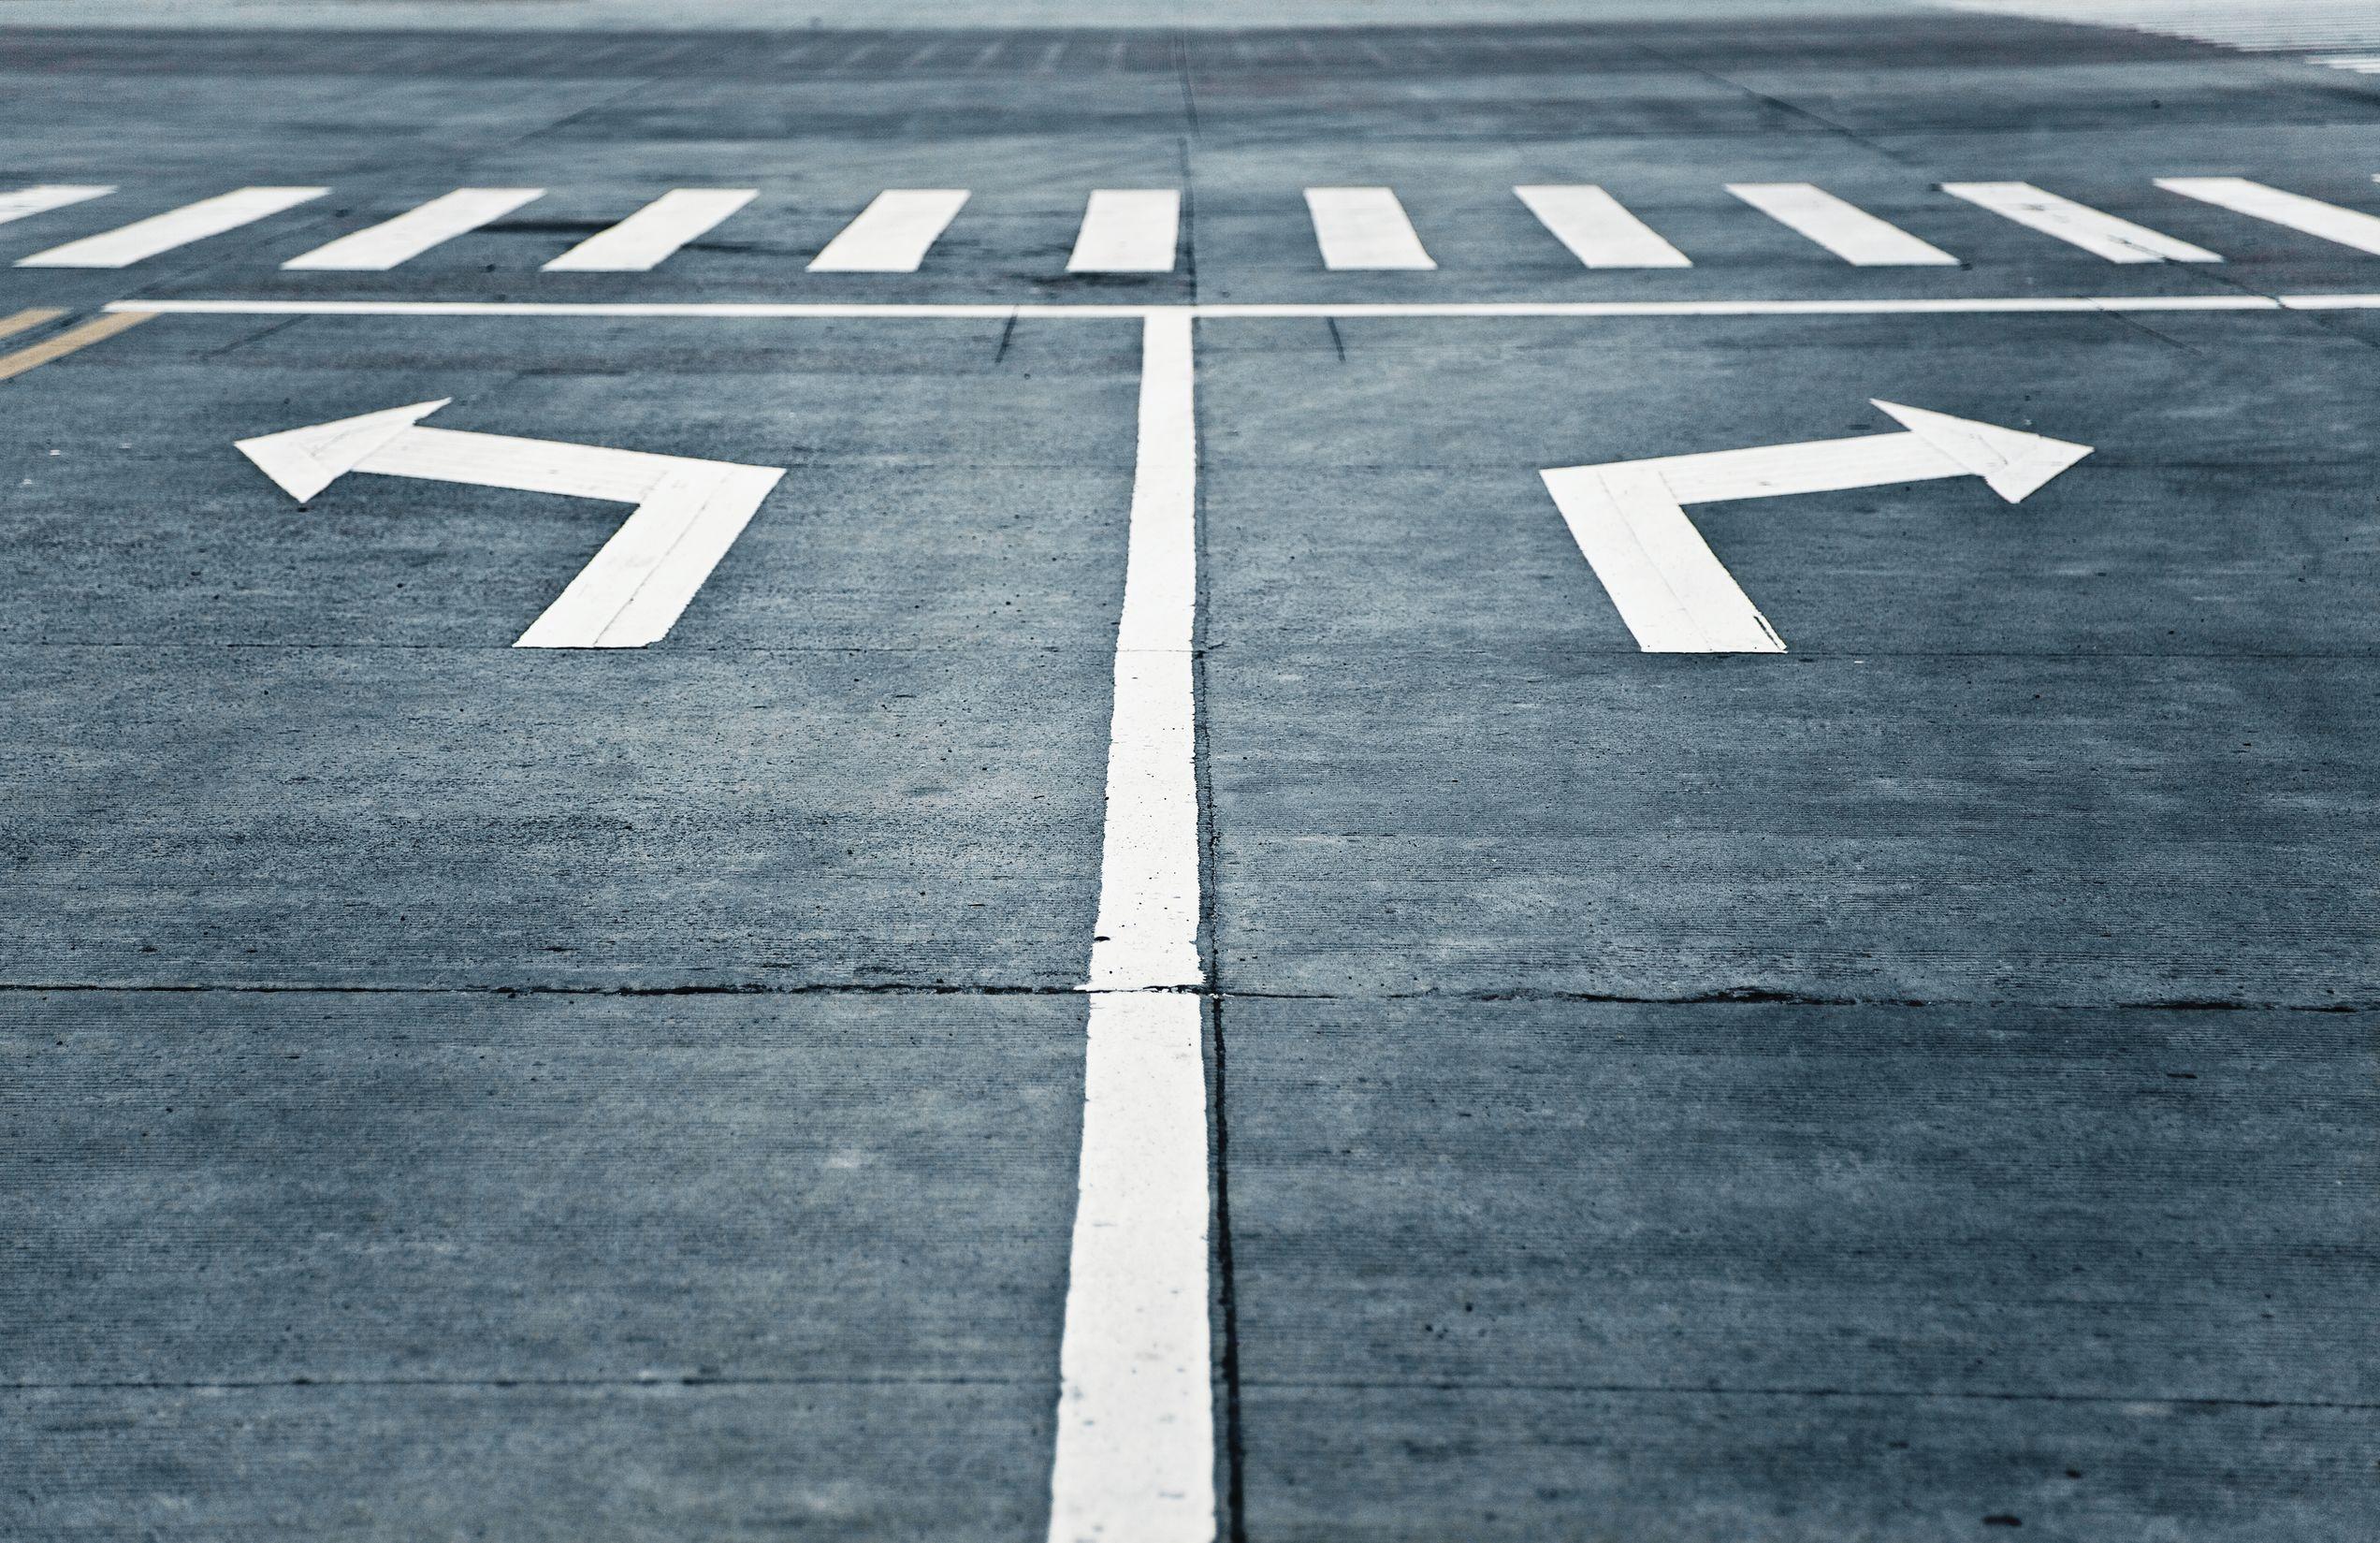 Sinalizações de estrada indicando curva para direita e curva para esquerda, ambas antes de uma faixa de pedestres.